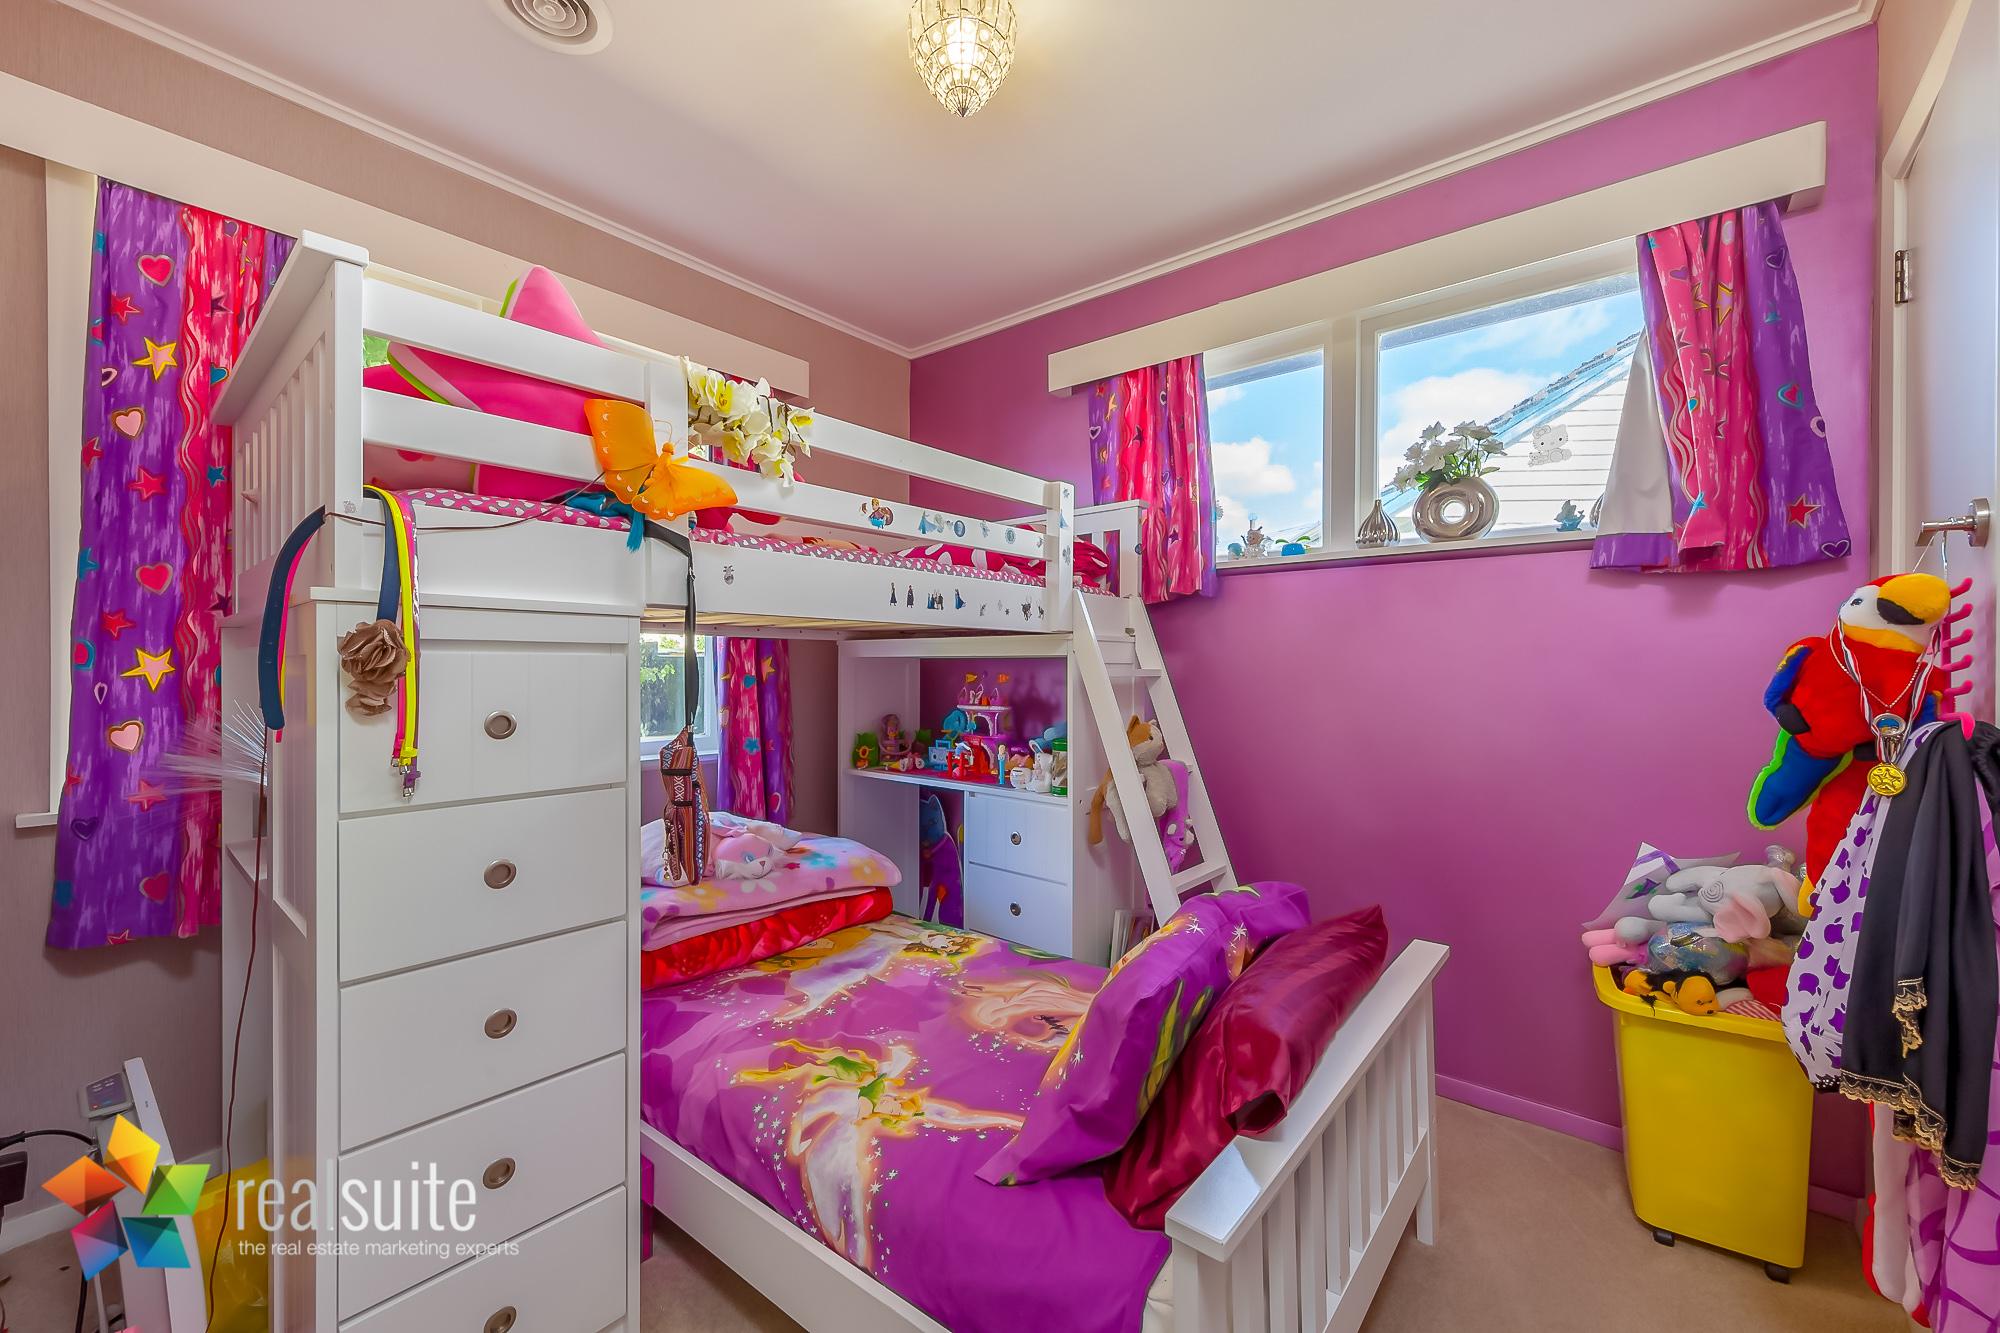 Realsuite Bedrooms (46)